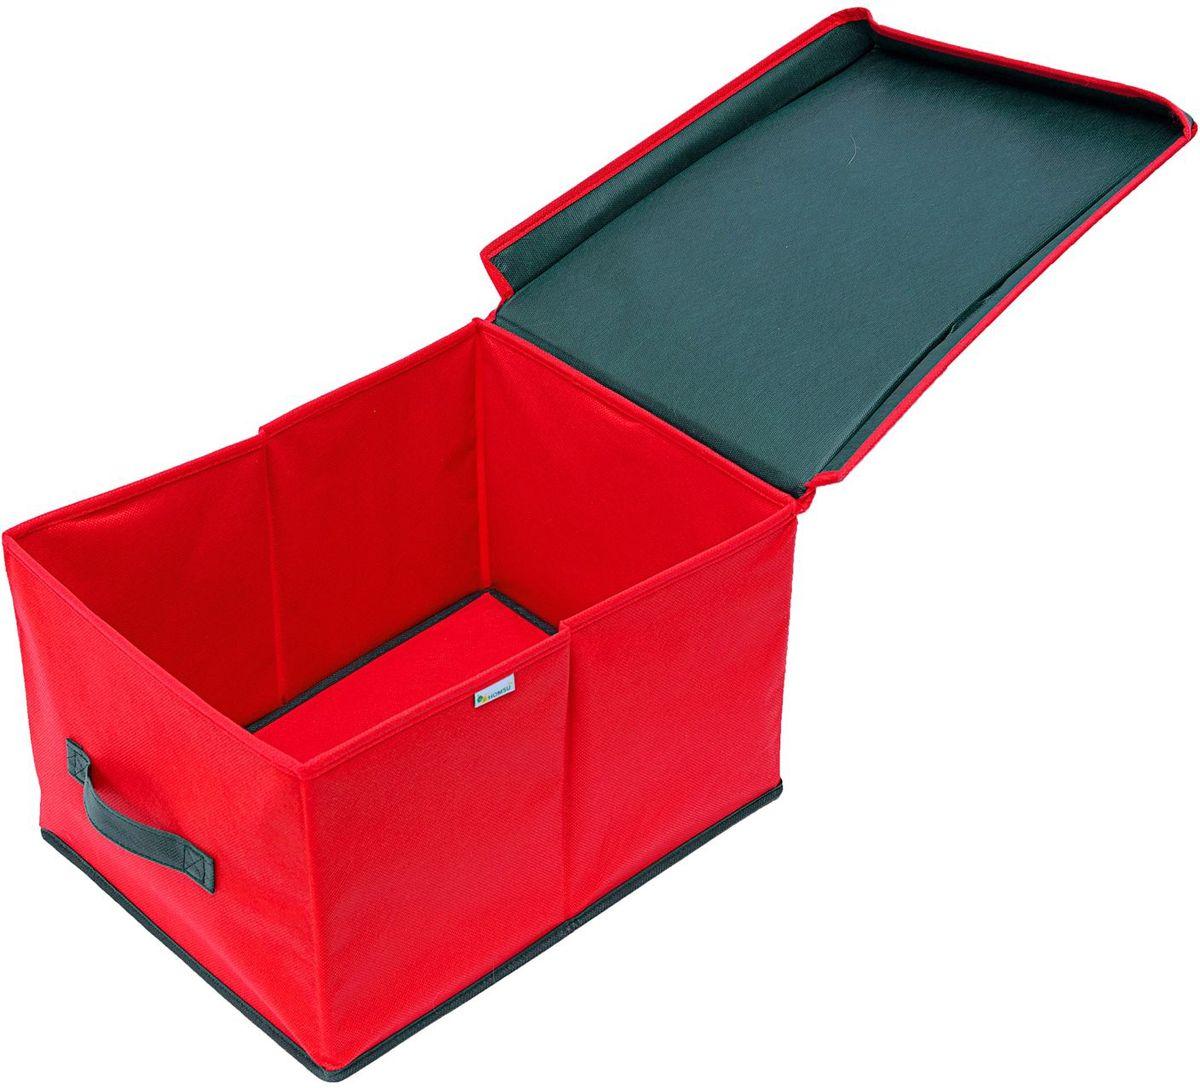 Органайзер куб Homsu New Year, 40х40х40 см, цвет: красныйRG-D31SОрганайзер куб Homsu New Year выполнен из высококачественного материала. Органайзер в форме куба, оснащен прозрачной крышкой из ПВХ на липучке, внутри имеются картонные деления, идеально подходит для хранения ёлочных шаров. Выполнен в традиционной новогодней расцветке.